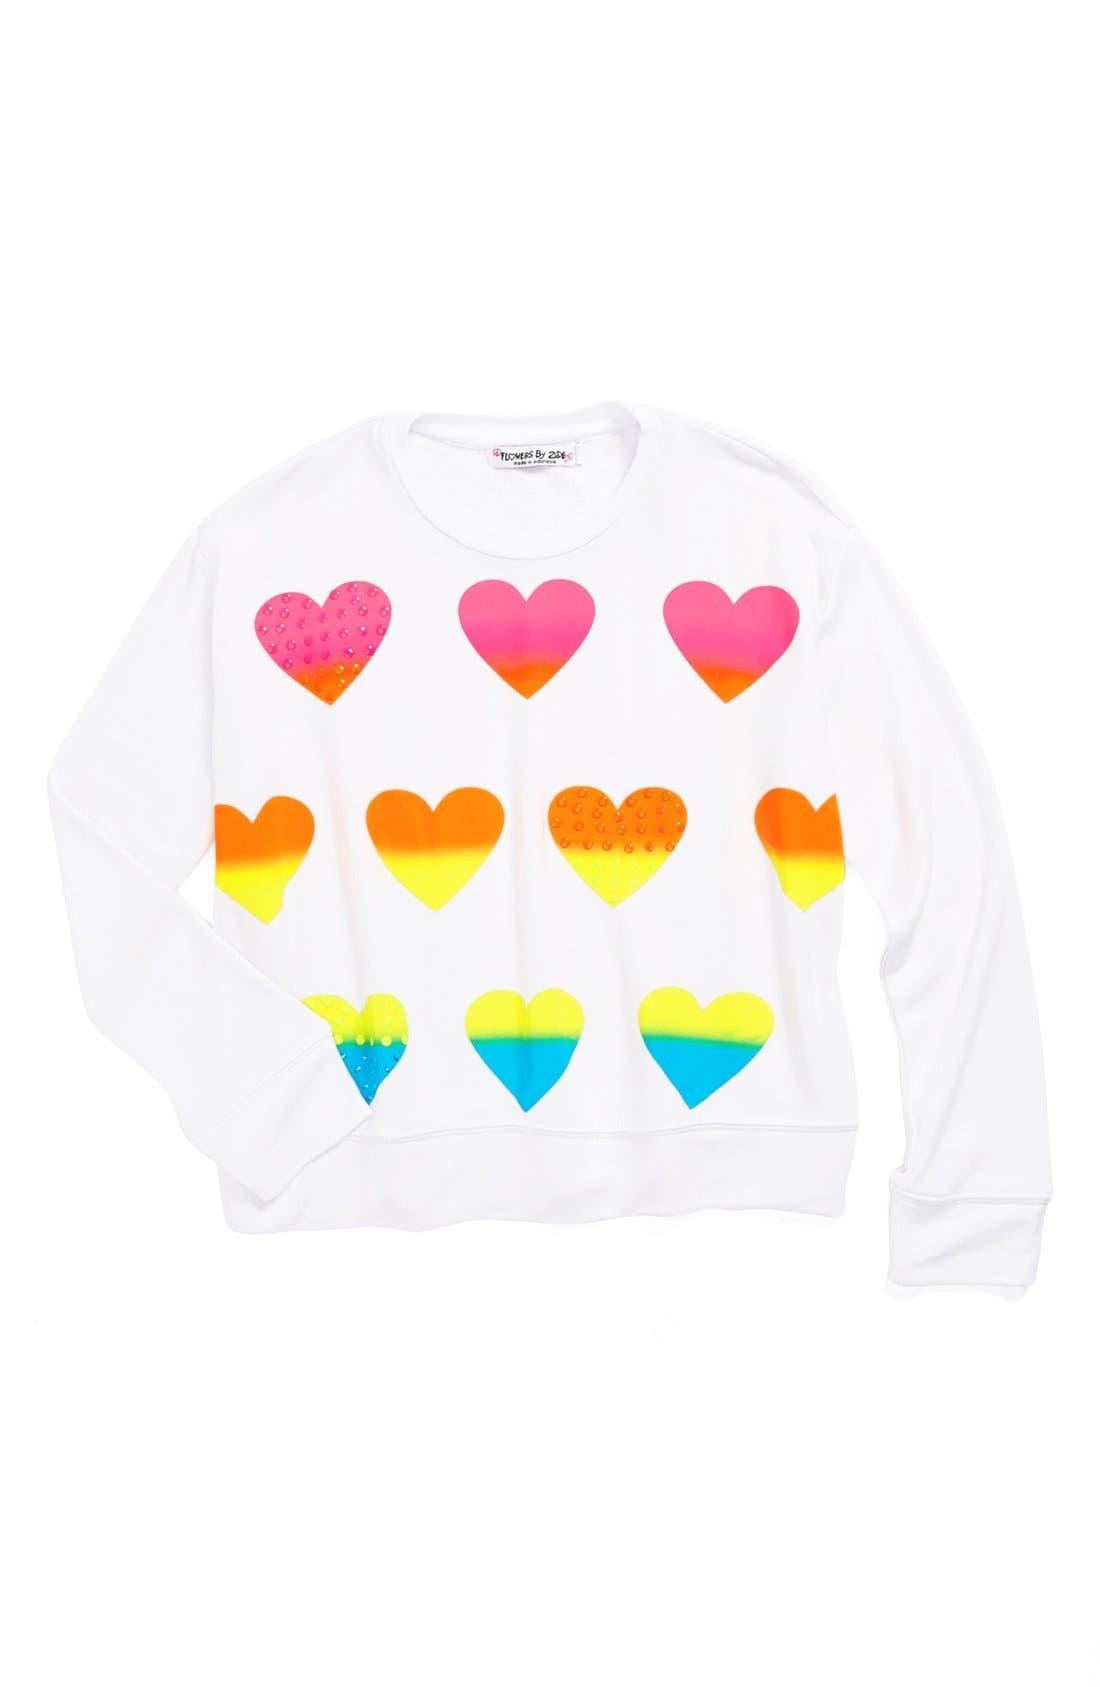 Alternate Image 1 Selected - Flowers by Zoe 'Heart' Sweatshirt (Little Girls)